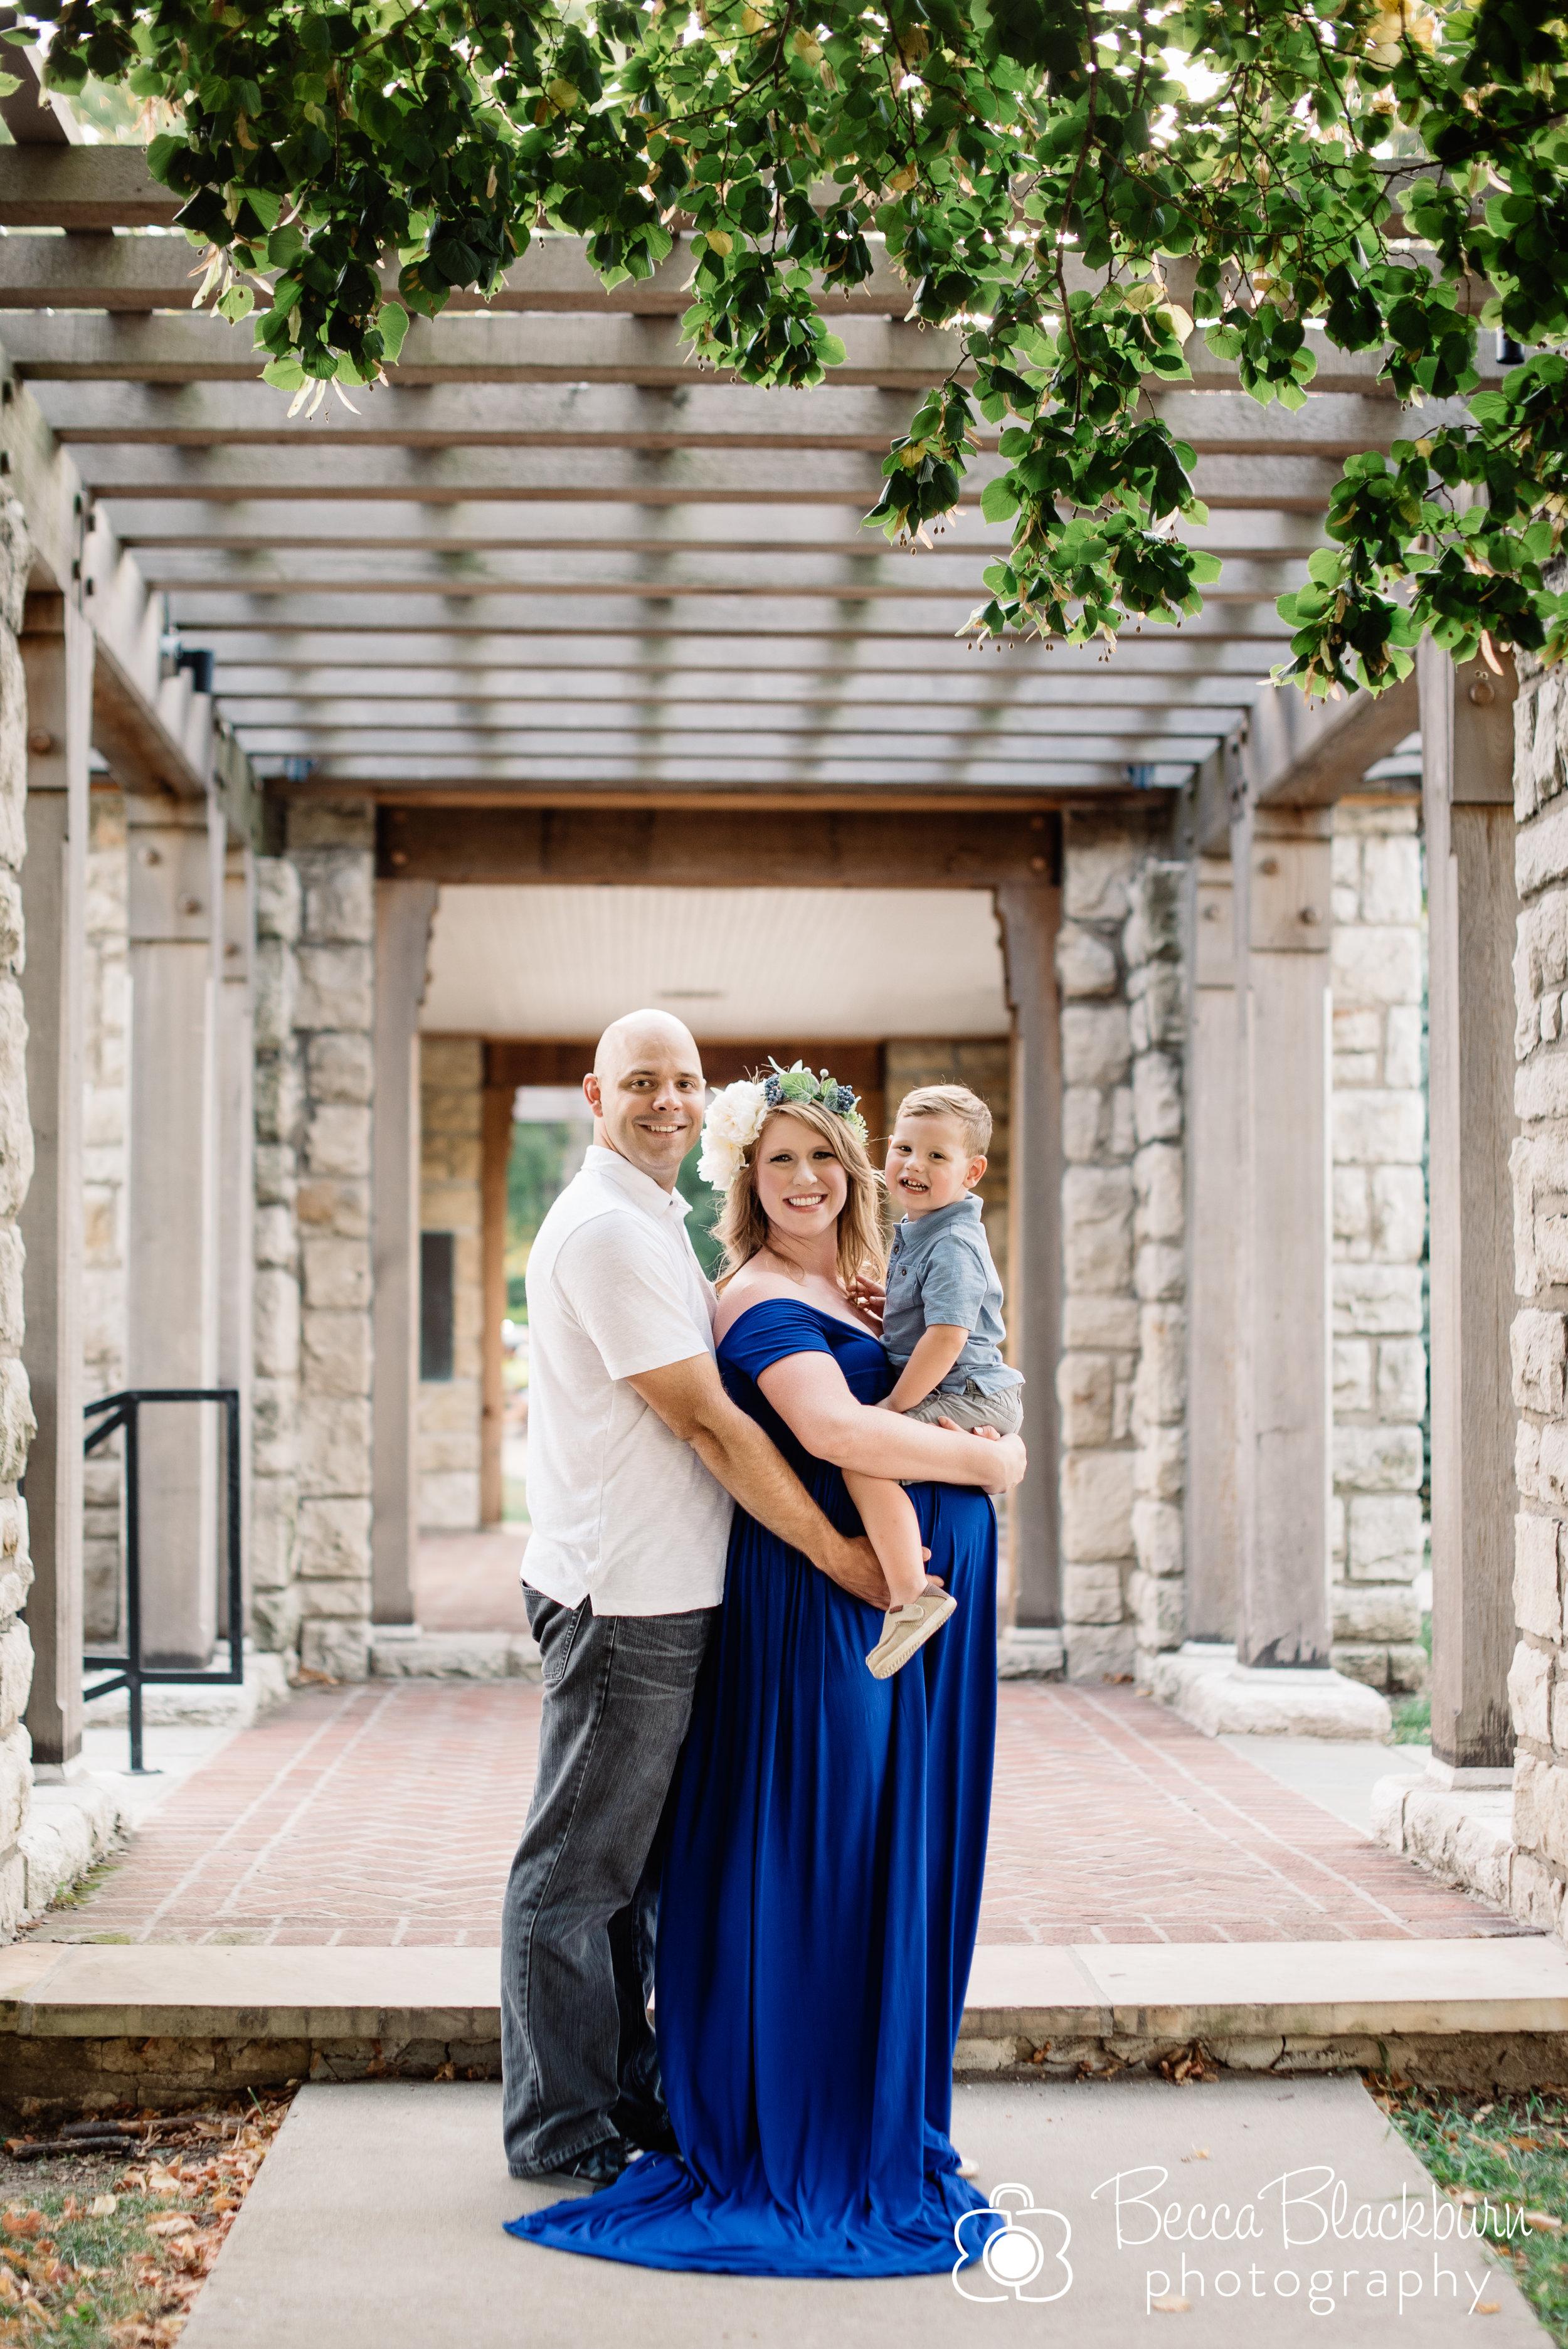 S maternity.blog-9.jpg